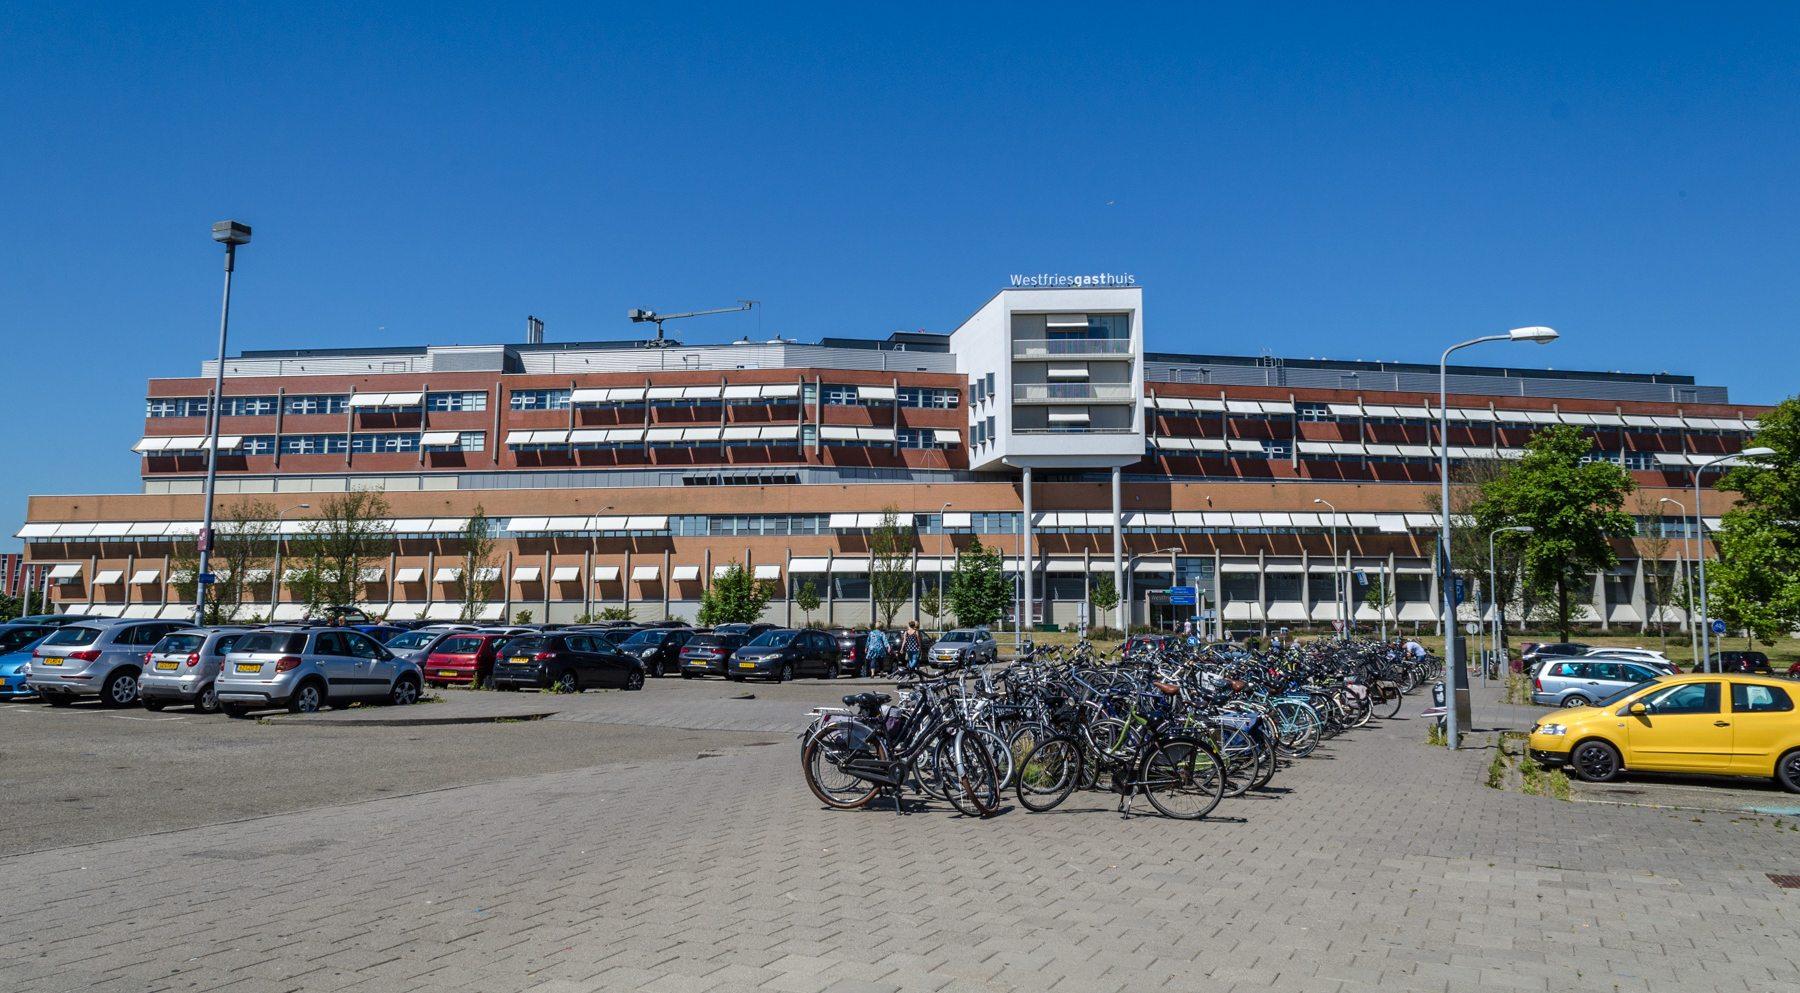 Eerste koopzondag met gratis parkeren aan rand binnenstad